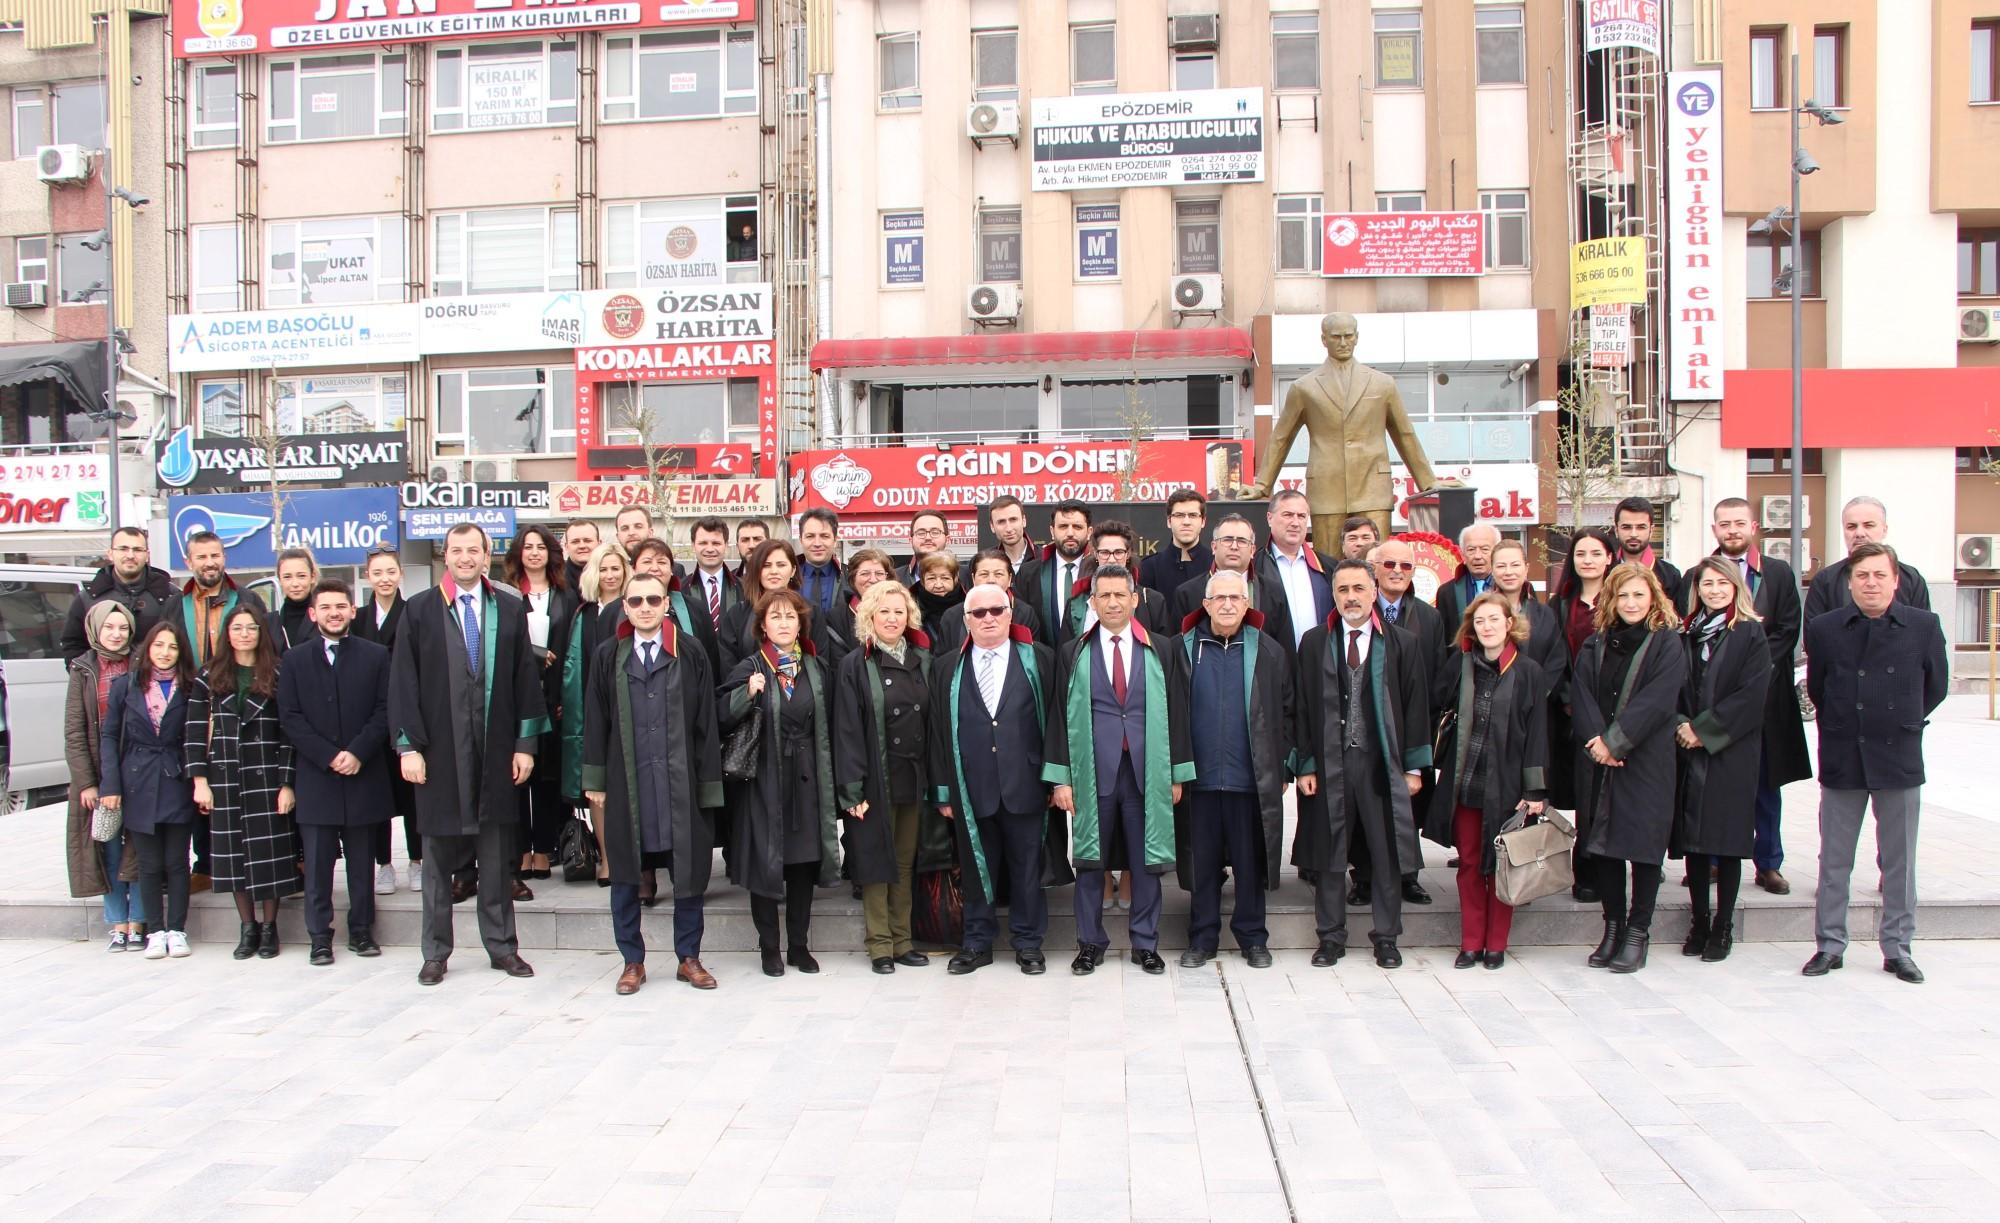 Sakarya Barosu Avukatlar Günü'nü kutladı